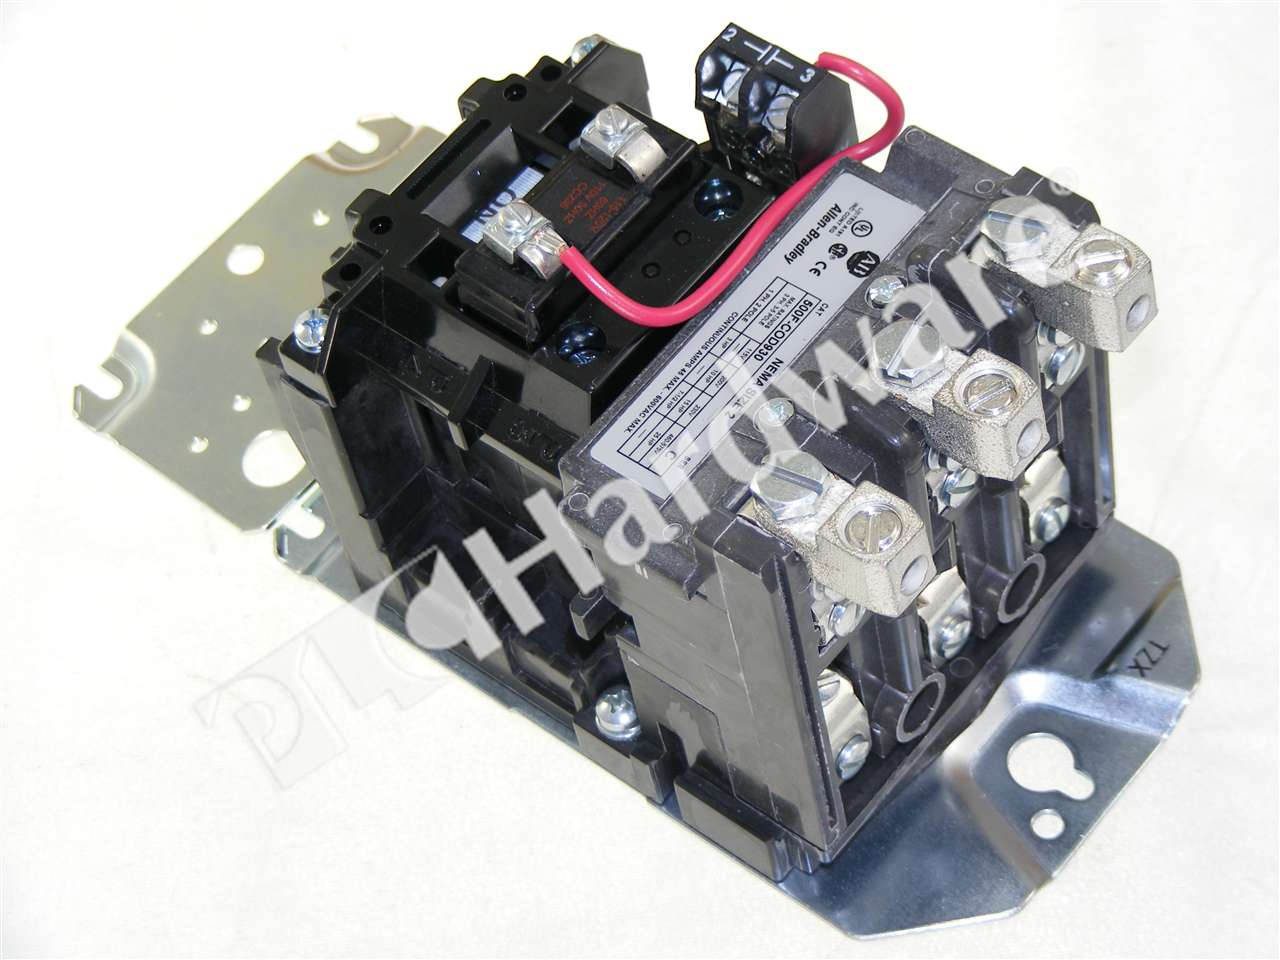 Plc Hardware Allen Bradley 509 Cod Series 1 New Surplus